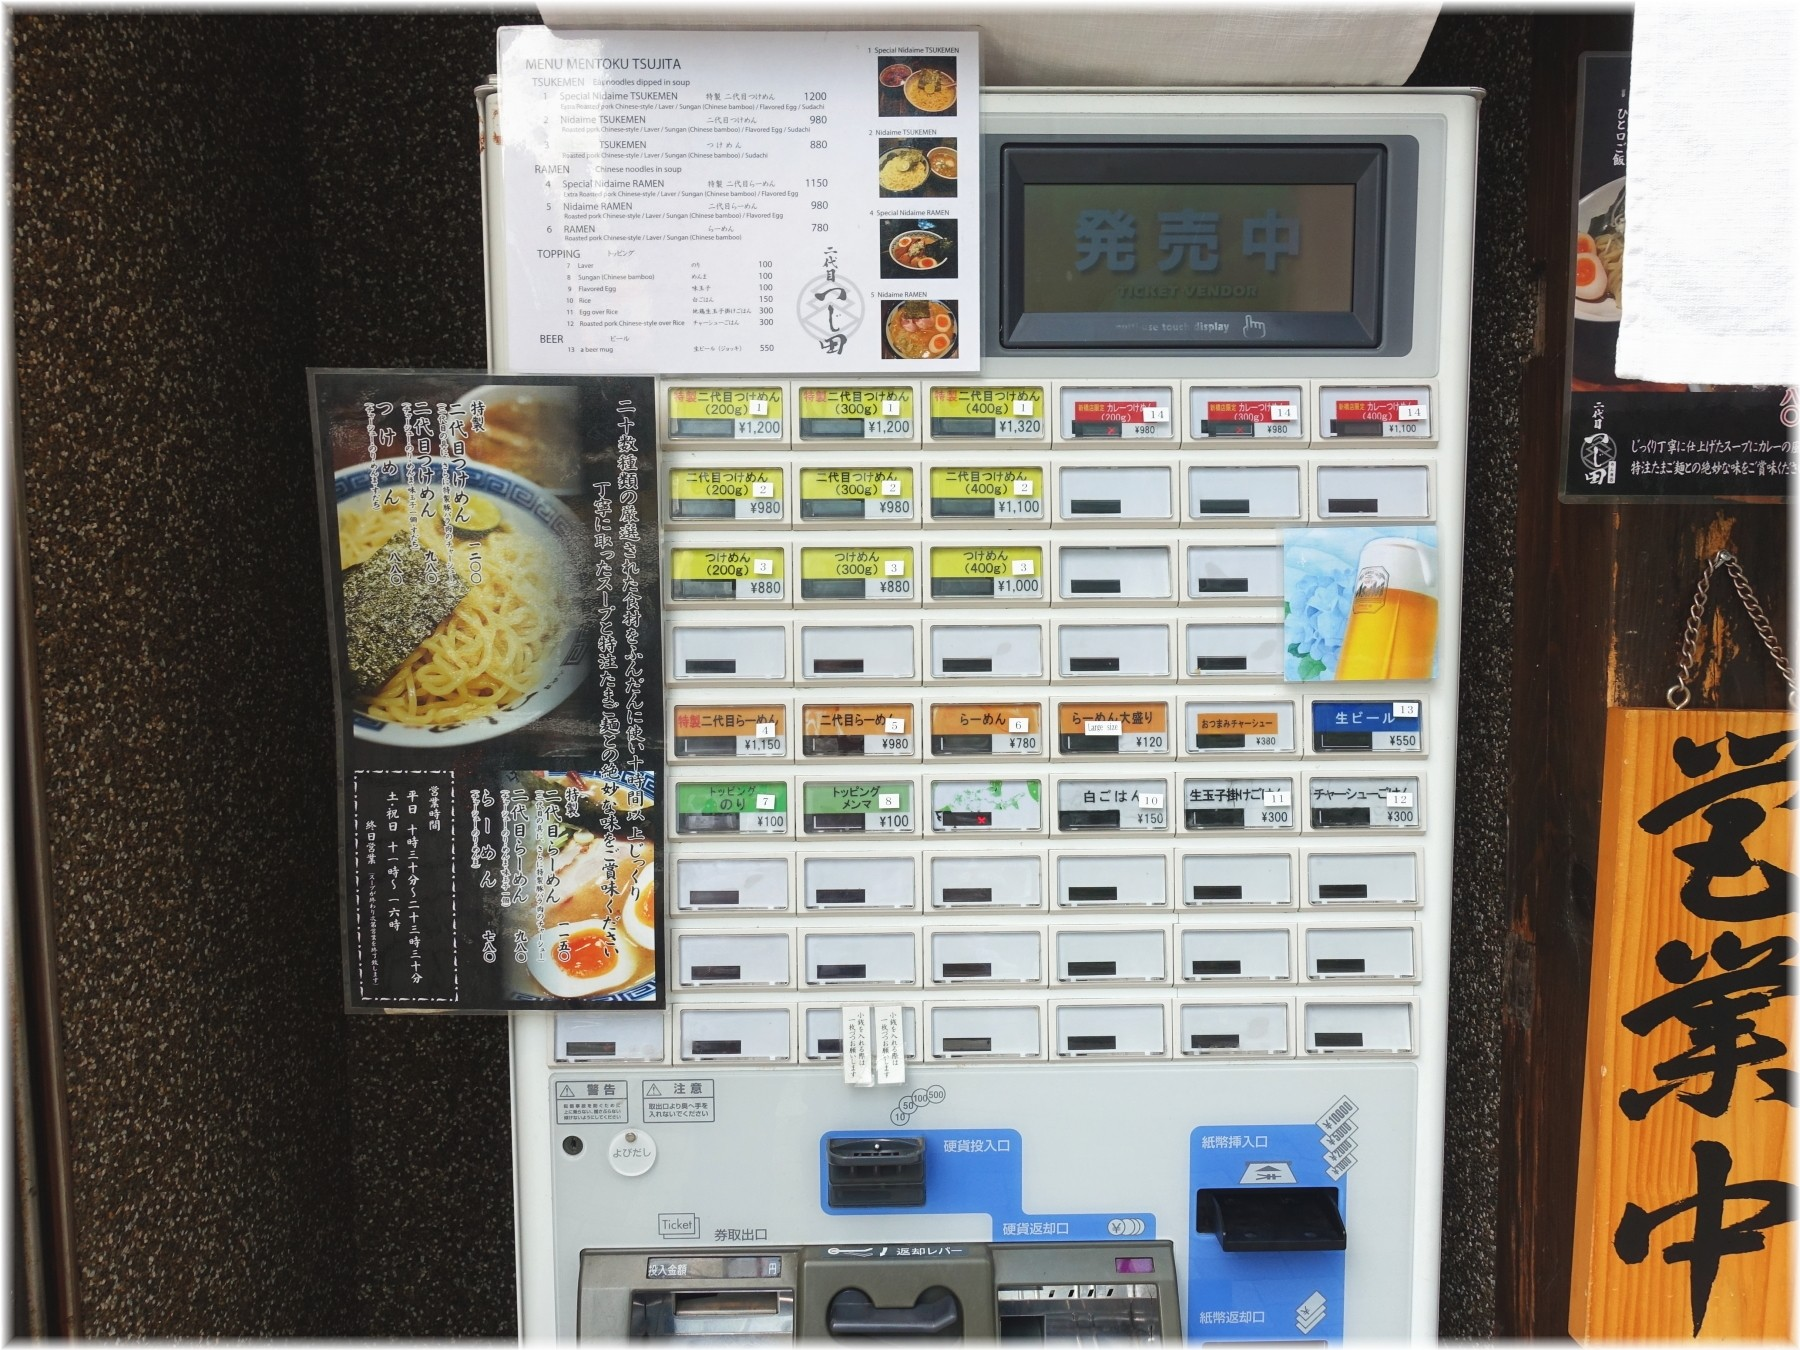 めん徳二代目つじ田新橋店 食券機